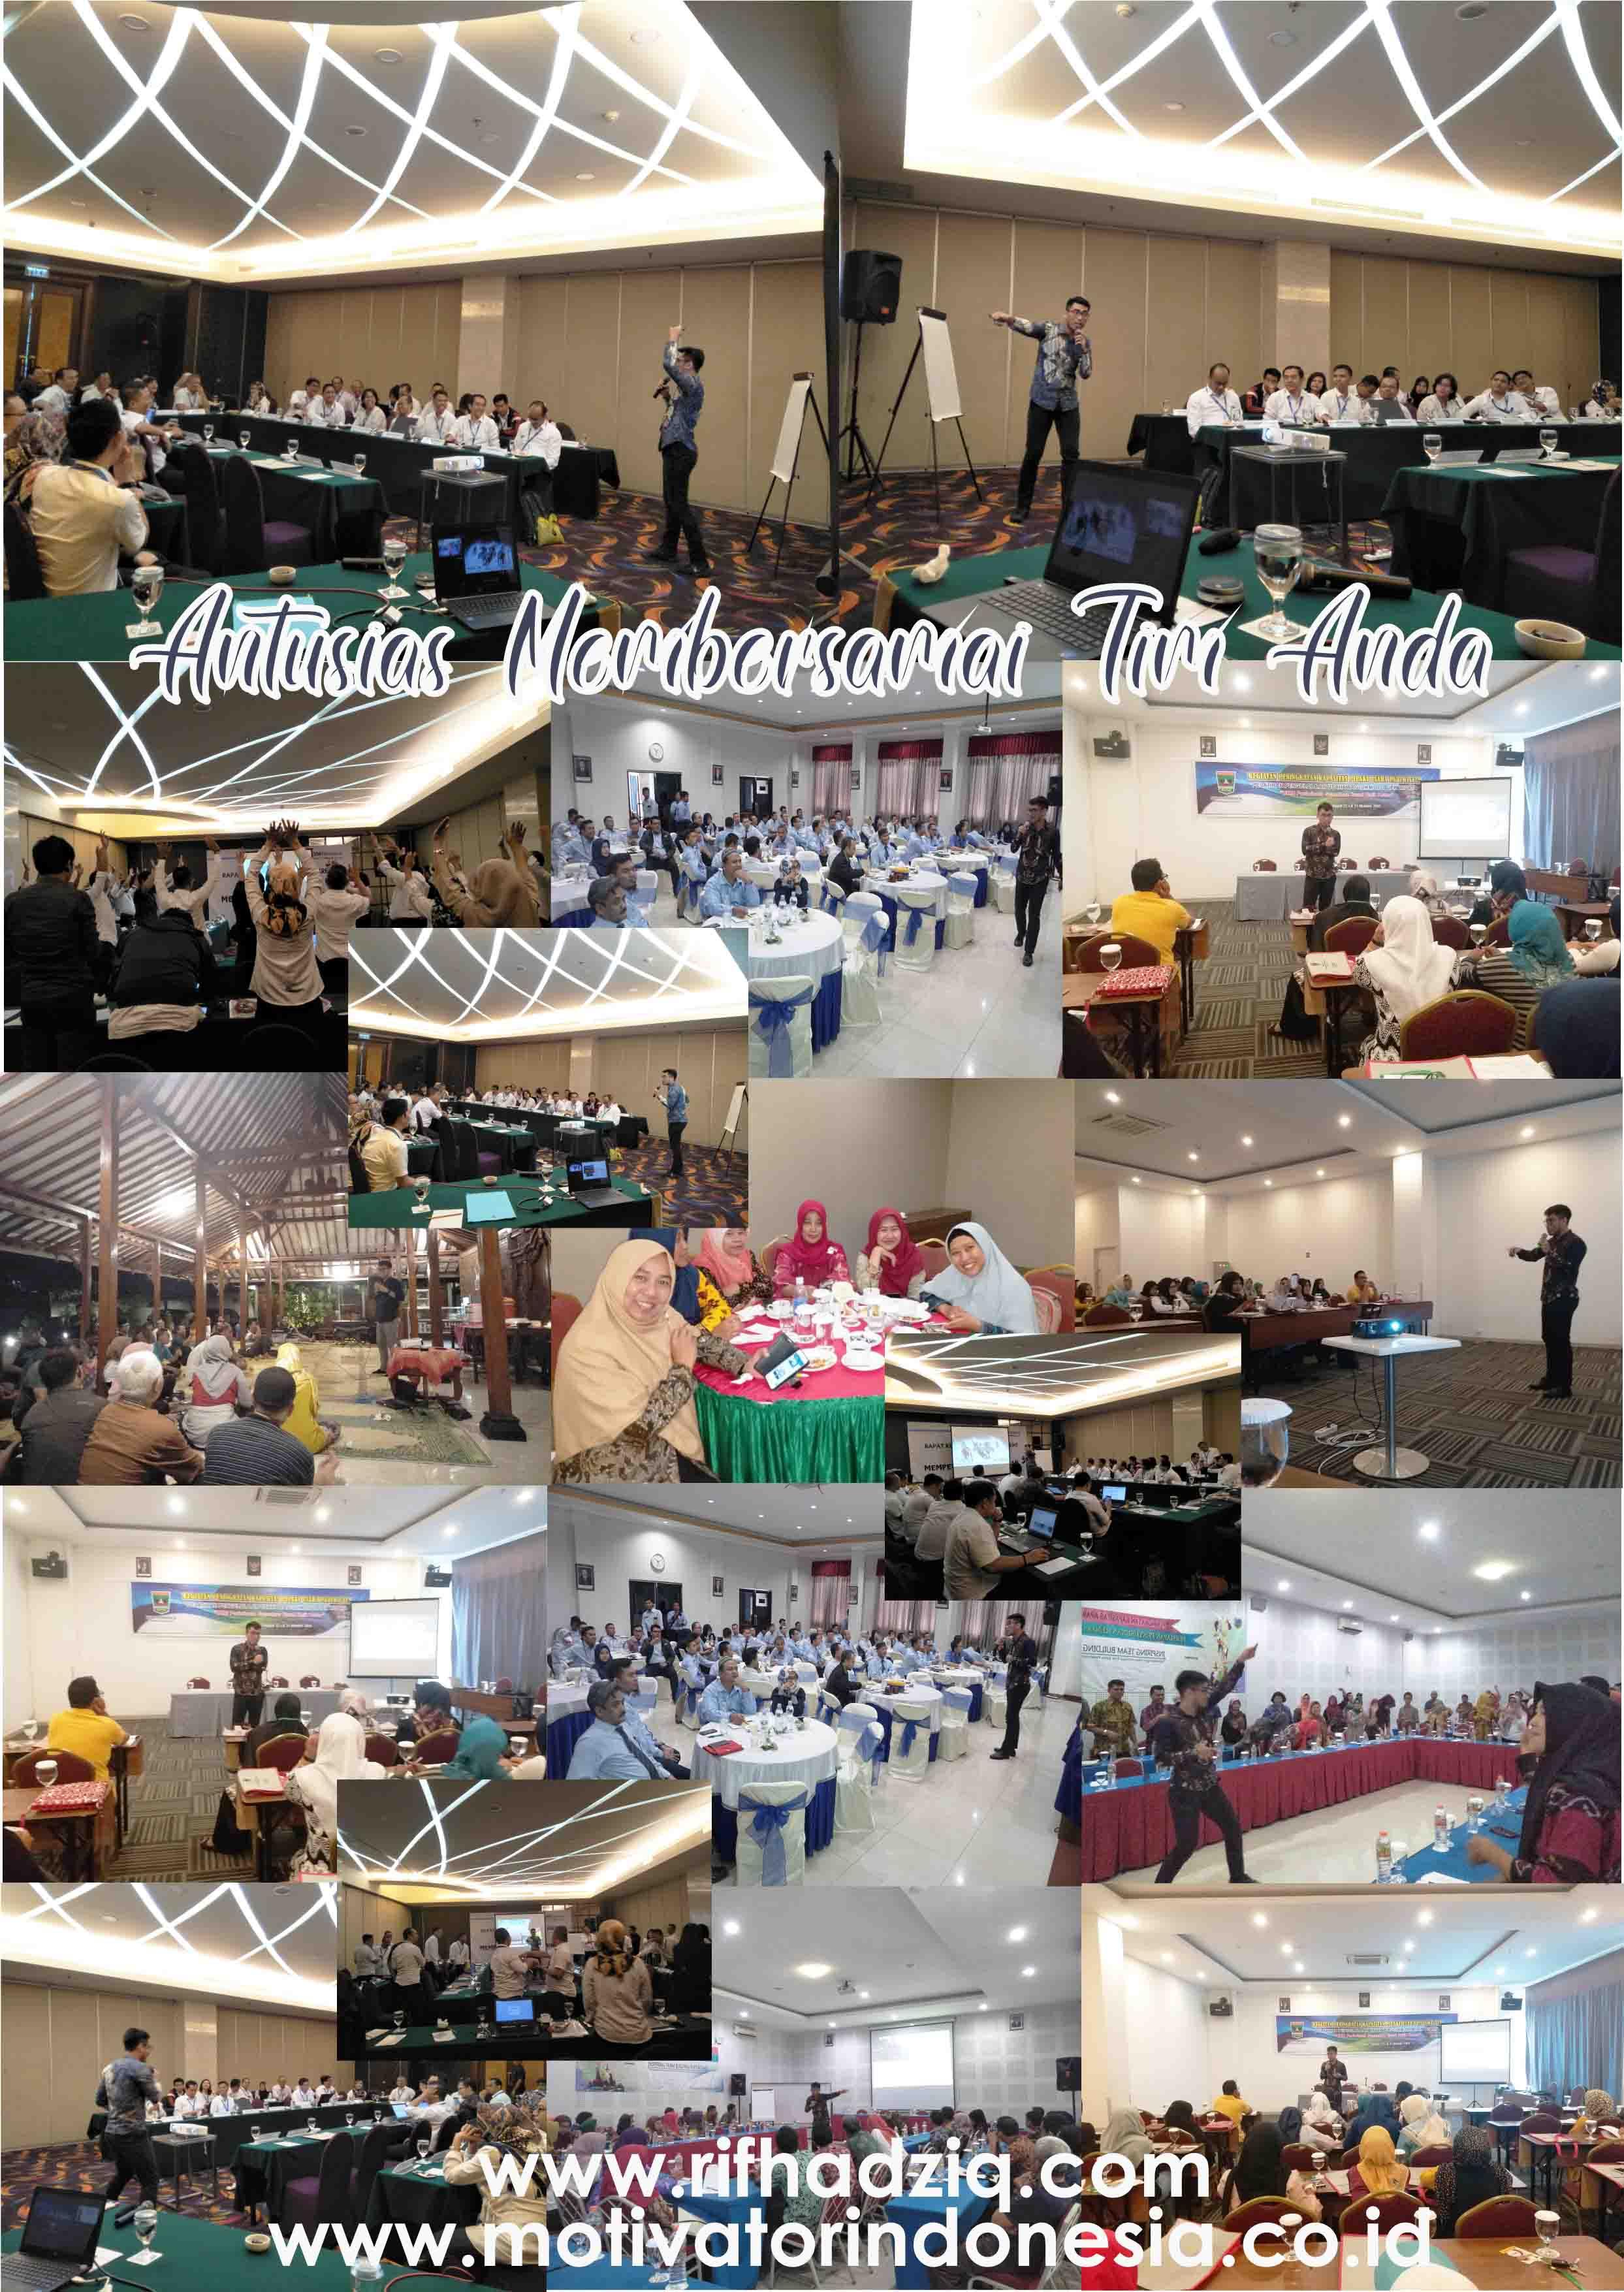 motivator indonesia, motivator perusahaan, rifqi hadziq, rif hadziq, motivator karyawan, bigbi antusias, training motivasi jakarta, training motivasi surabaya